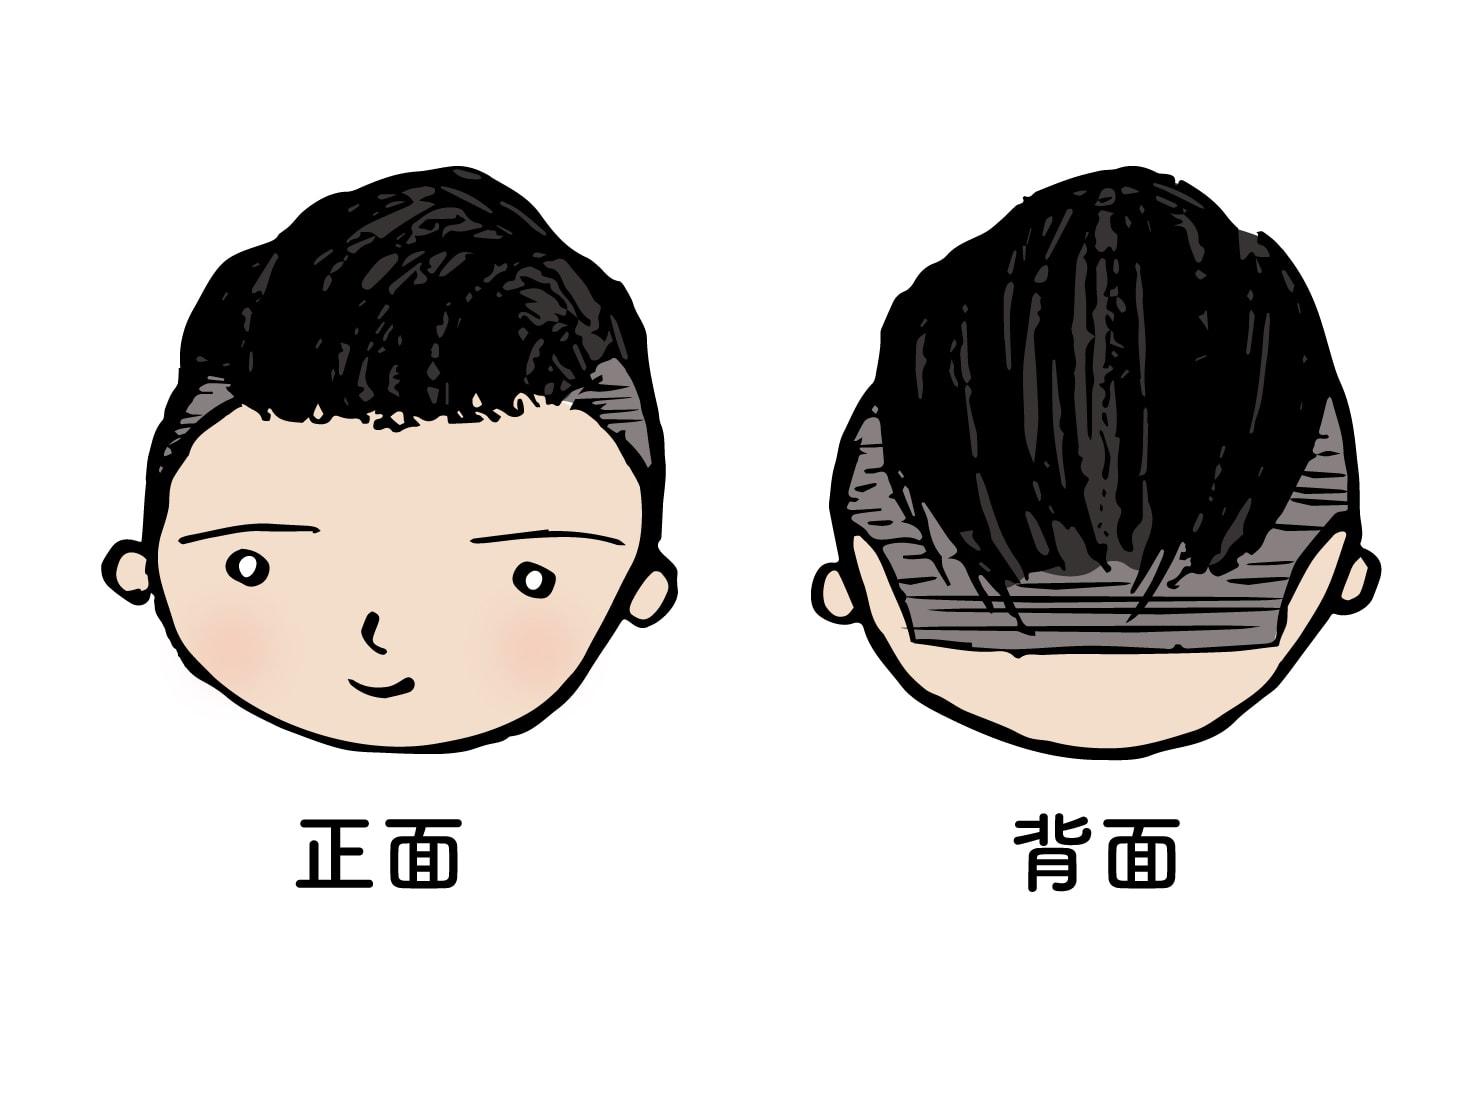 台湾男子御用達のヘアスタイル「リーゼント」